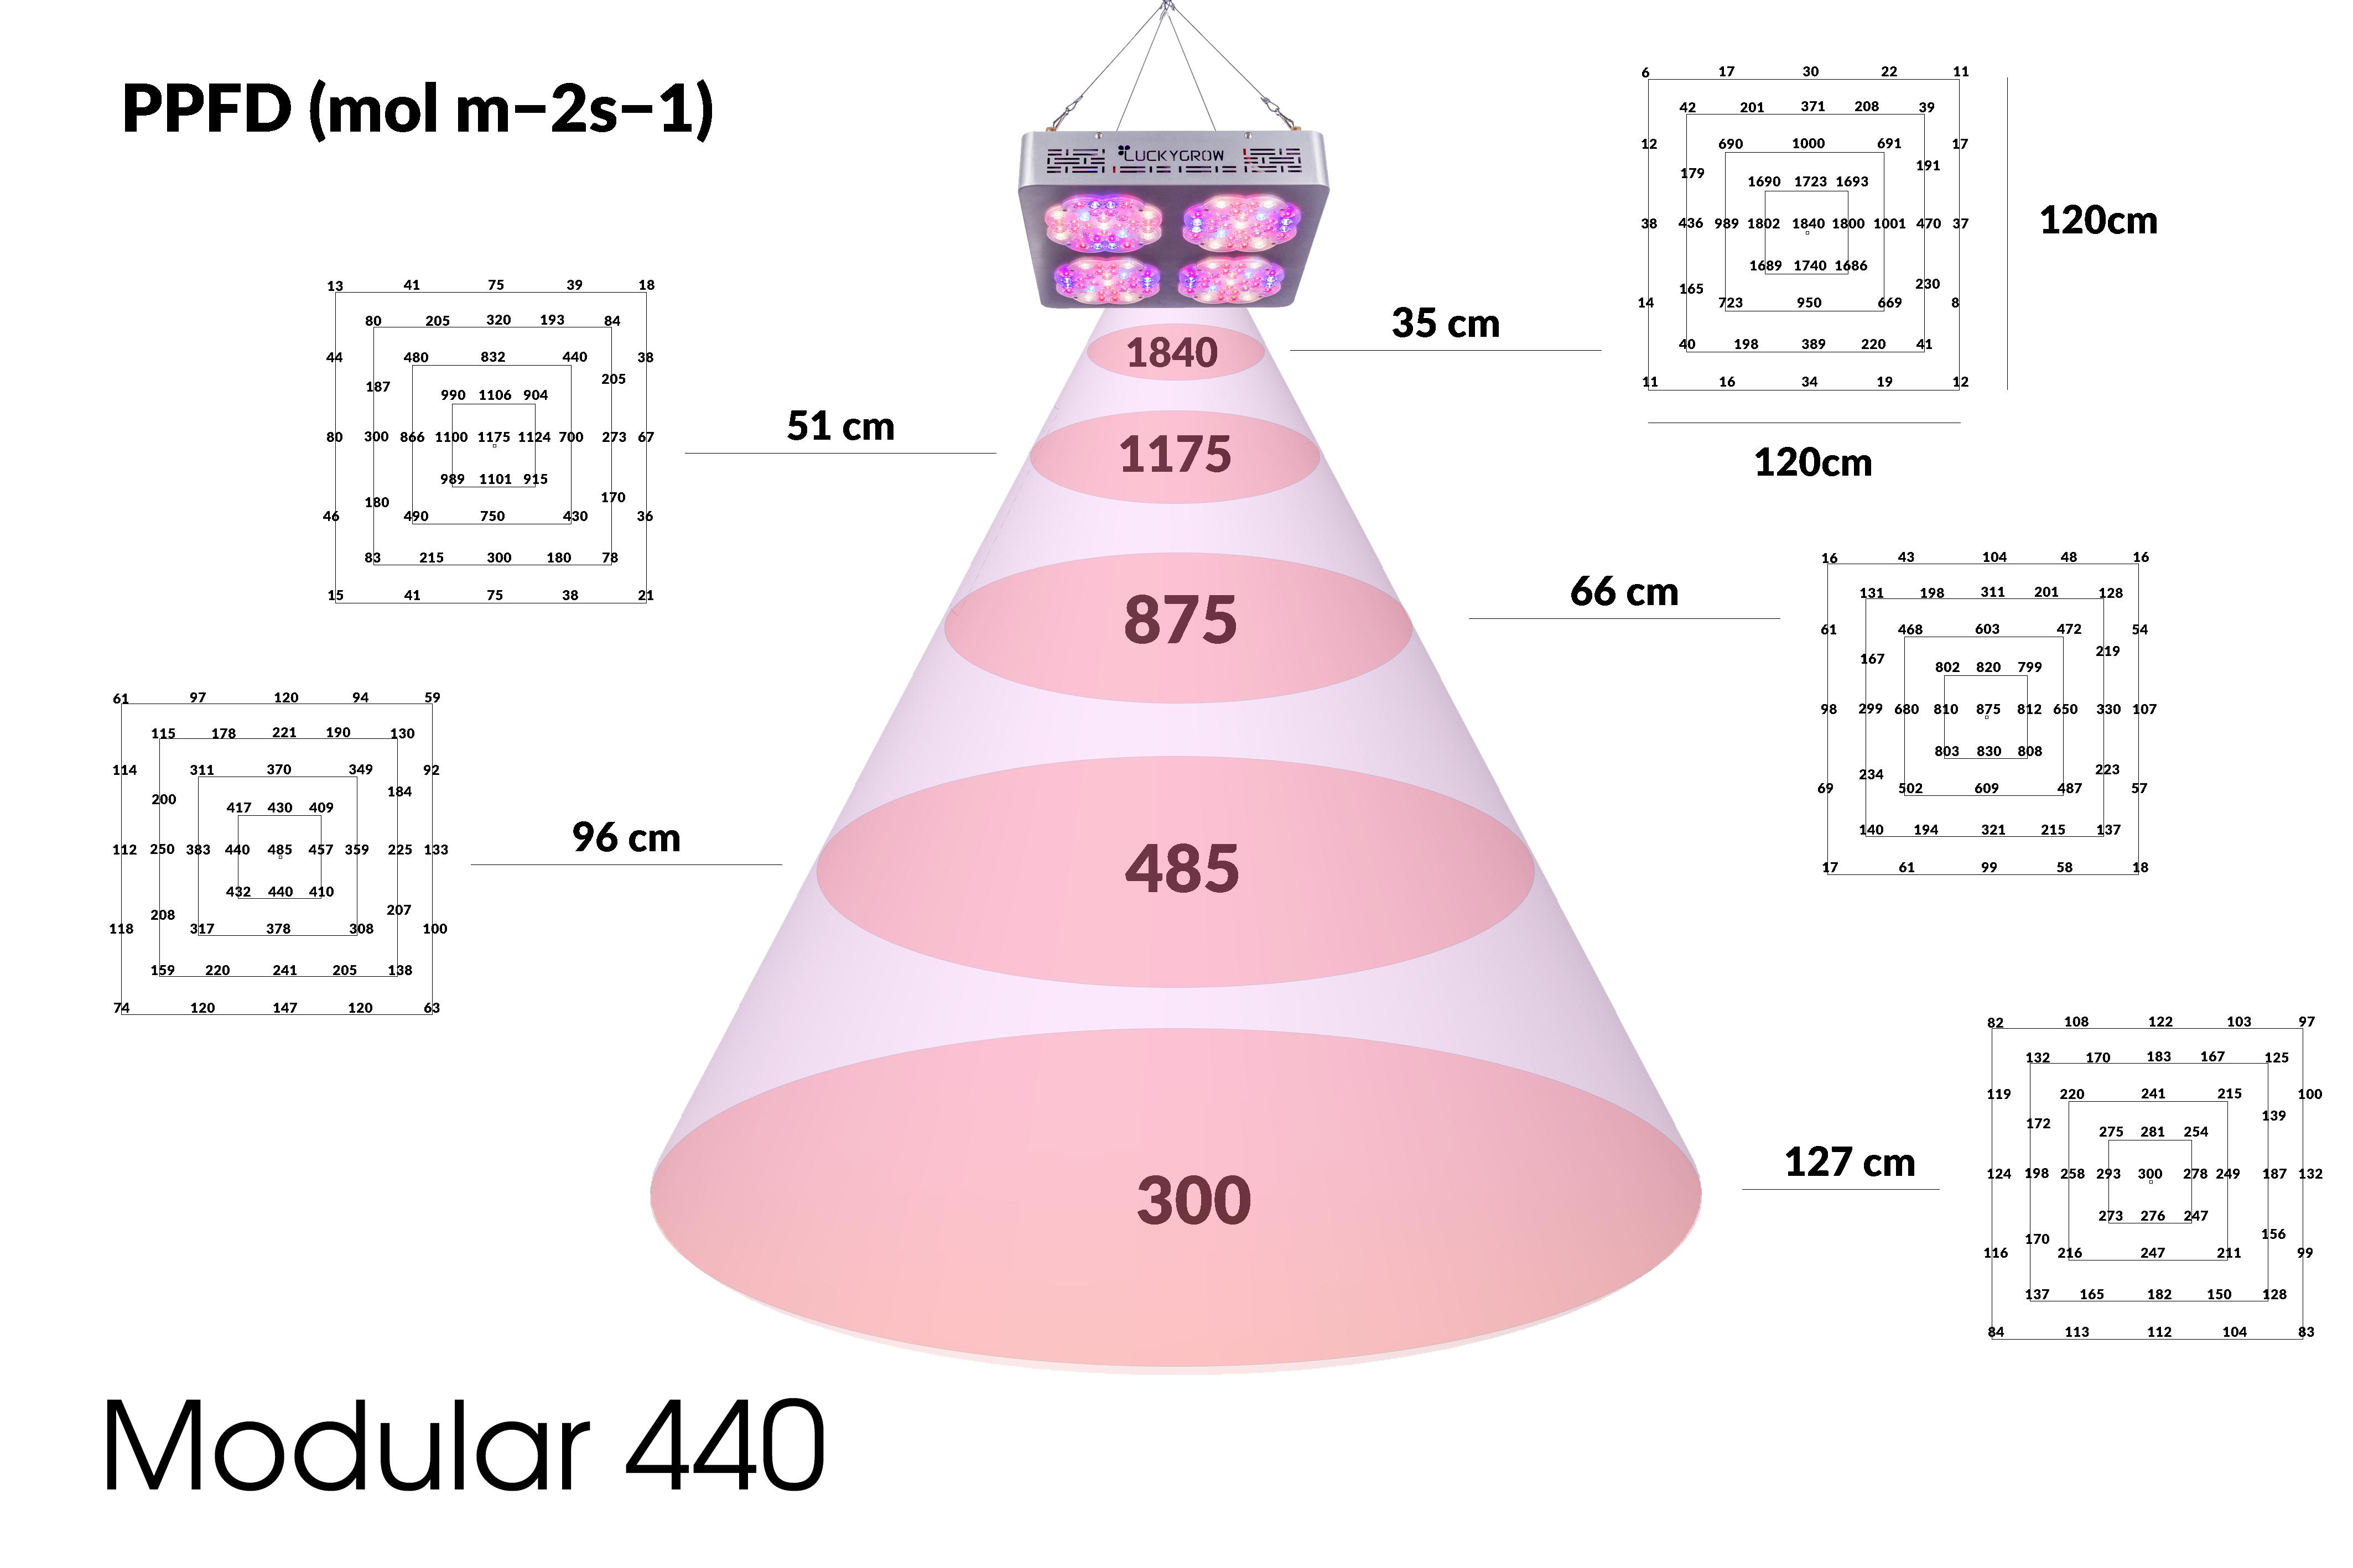 wynik par luckygrow modular440